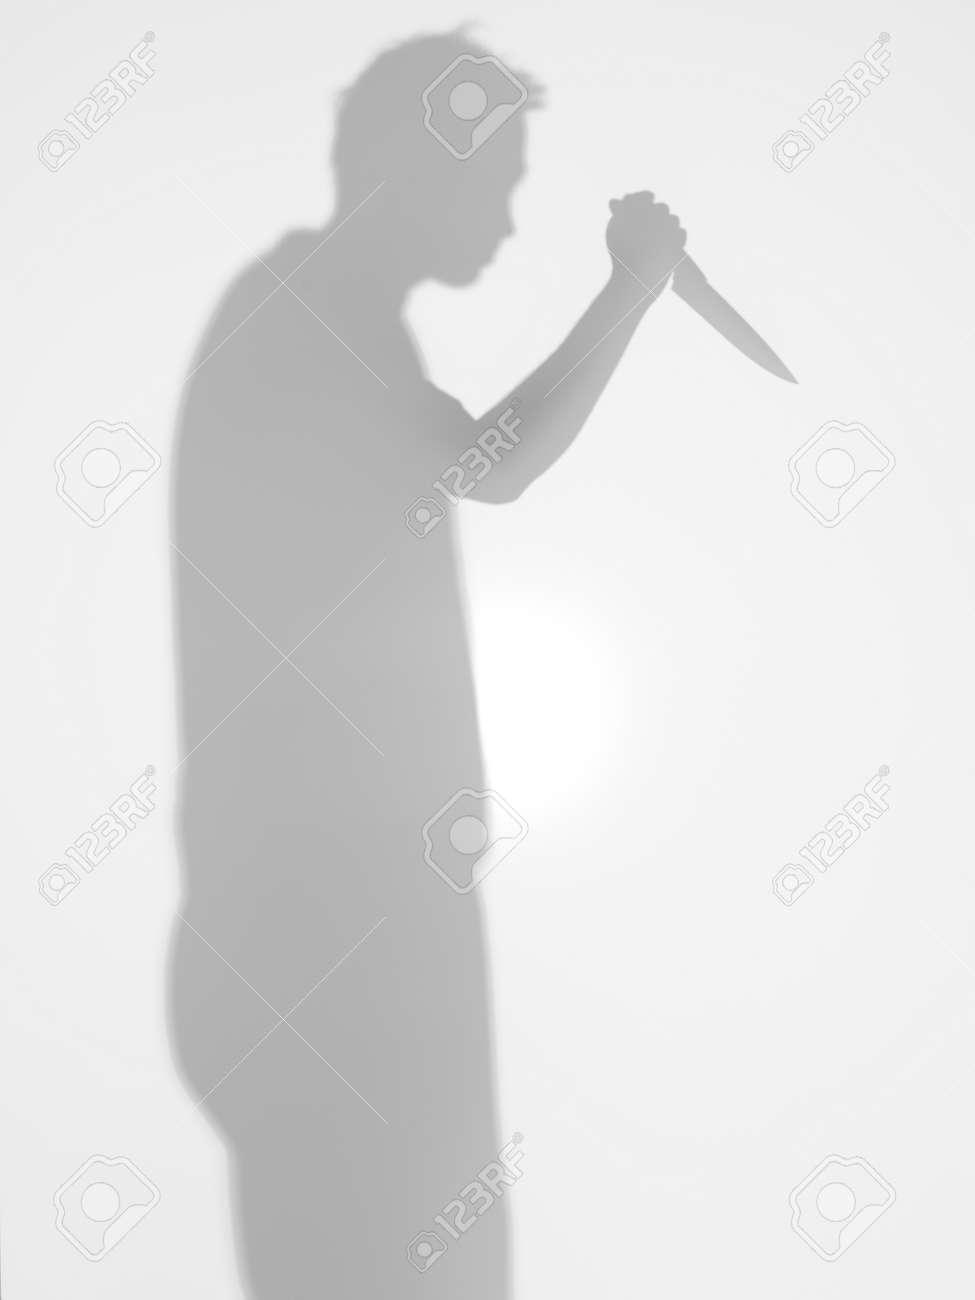 Man silhouet met keuken mes in zijn hand staan â₉€Â¹ÃƒÂ¢Ã¢'‰€Â¹van ...